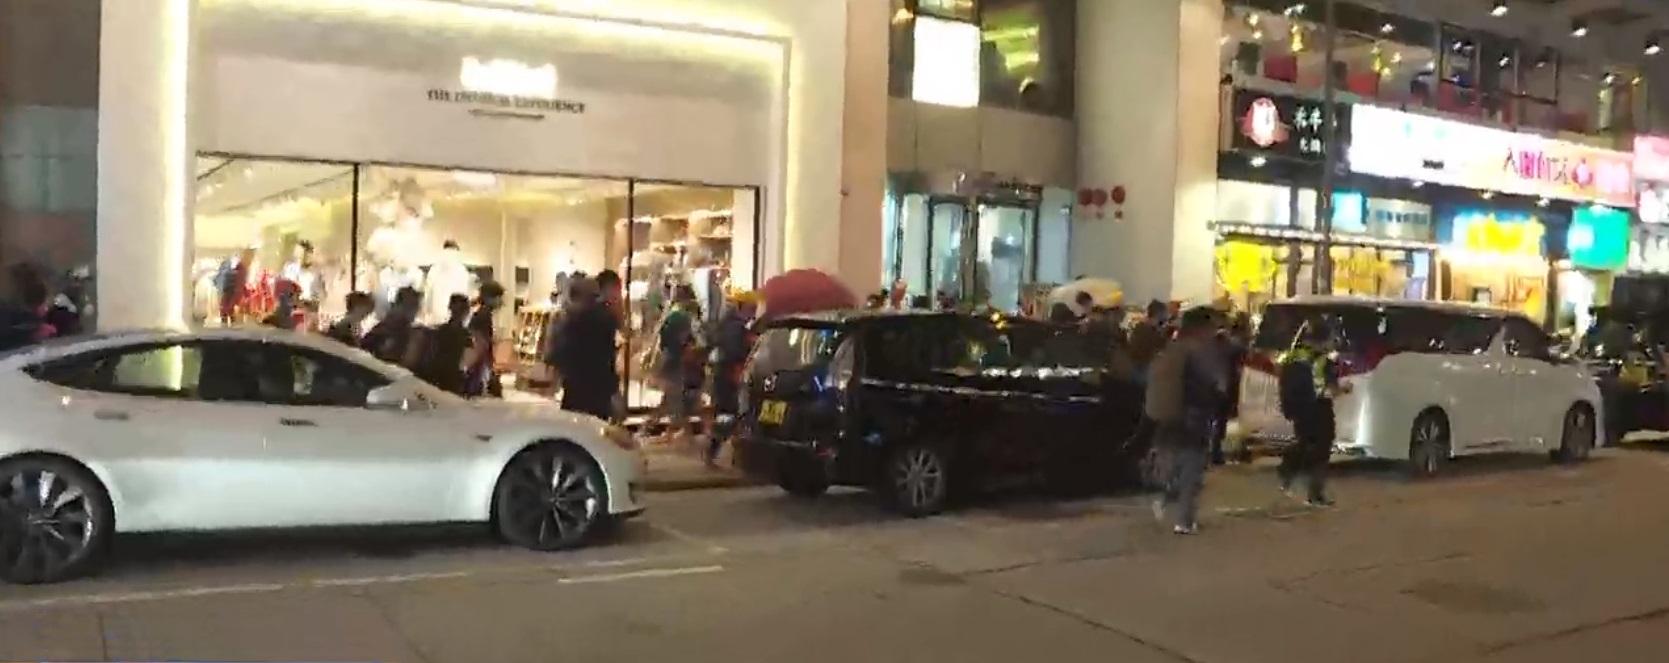 示威者行出尖沙嘴多處馬路。NOW新聞截圖